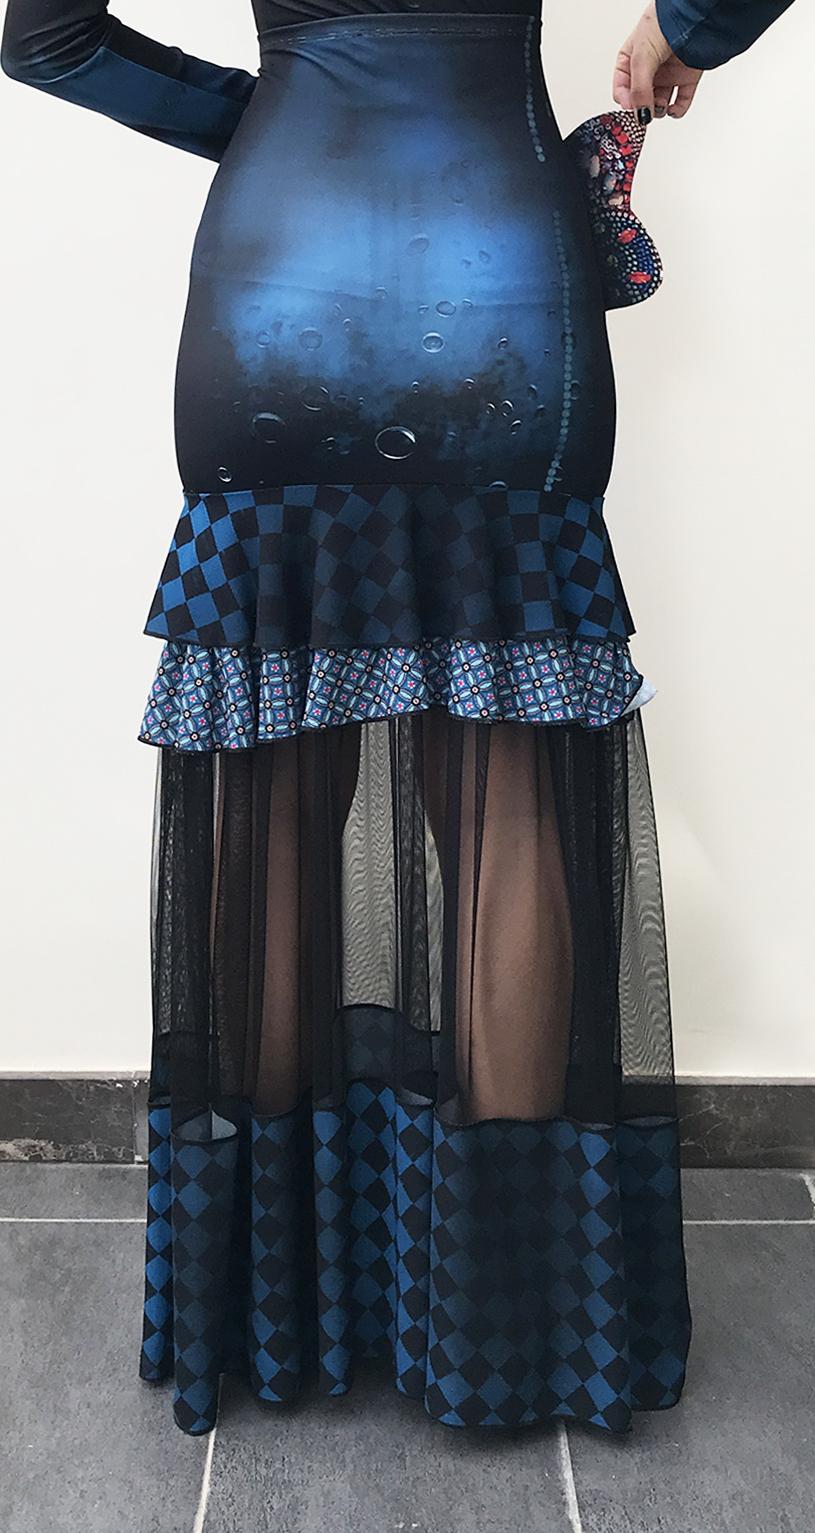 IPNG: Turquarium Jeweled Underwater Illusion Scene Ruffled Long Skirt